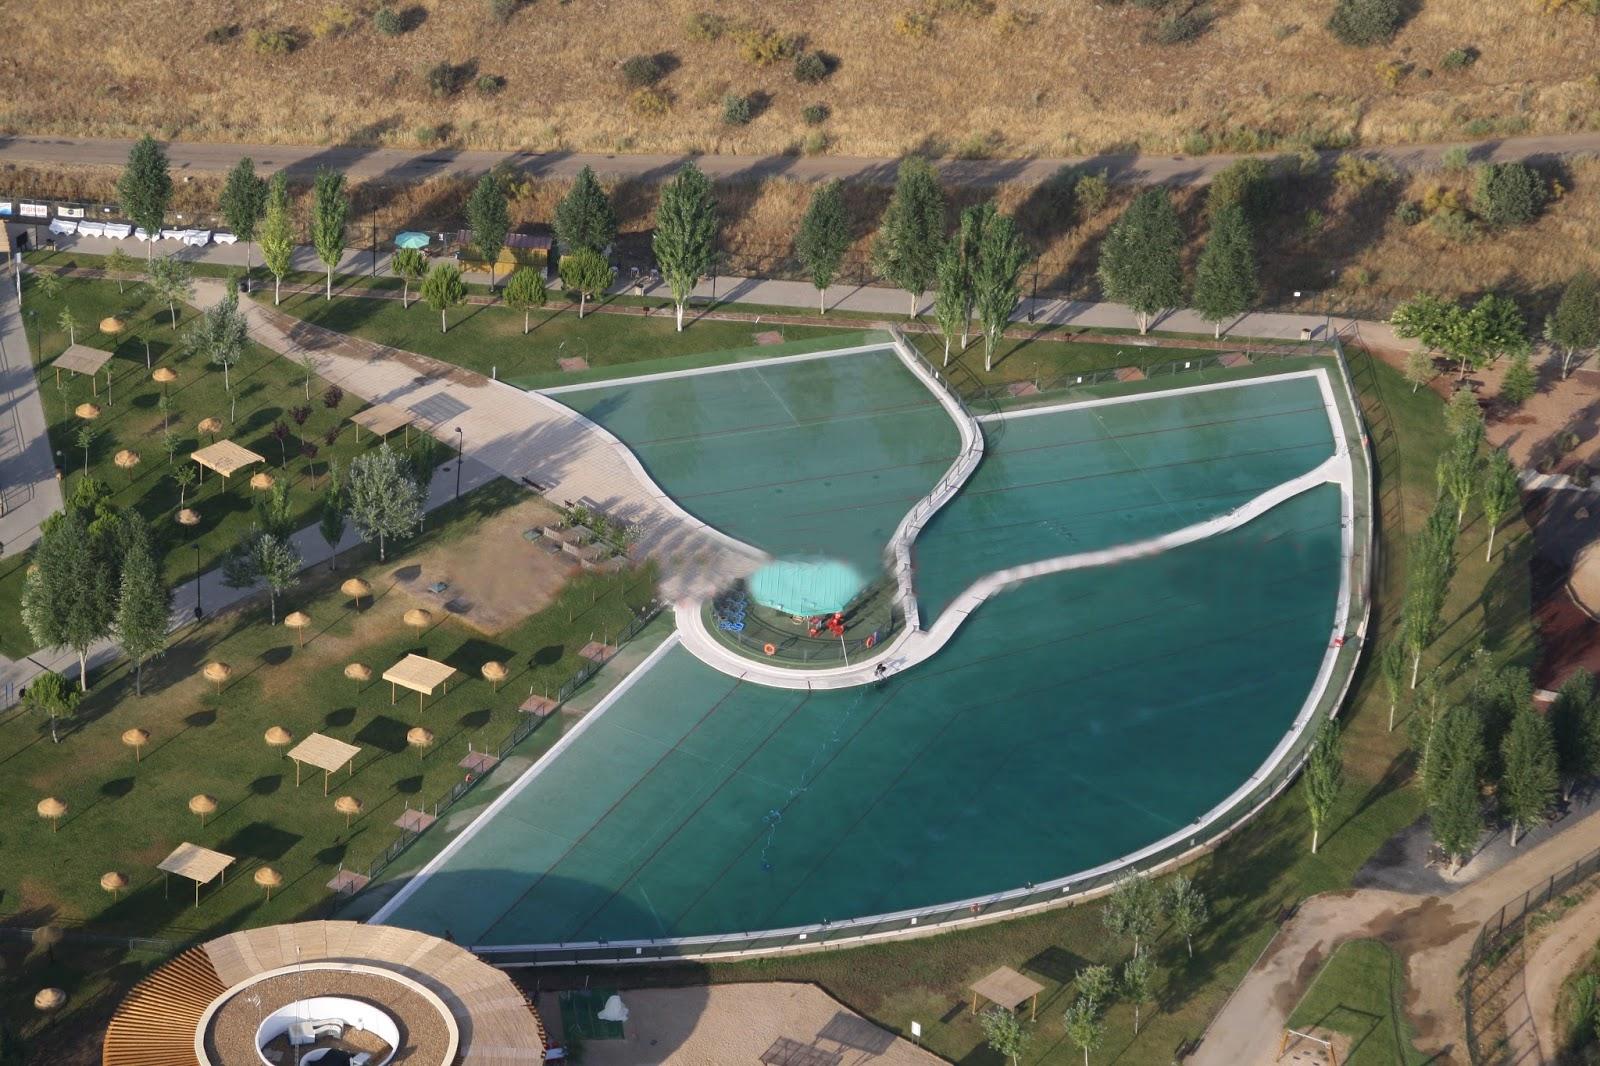 Complejo deportivo playas del vicario galeria de imagenes for Piscina municipal ciudad real